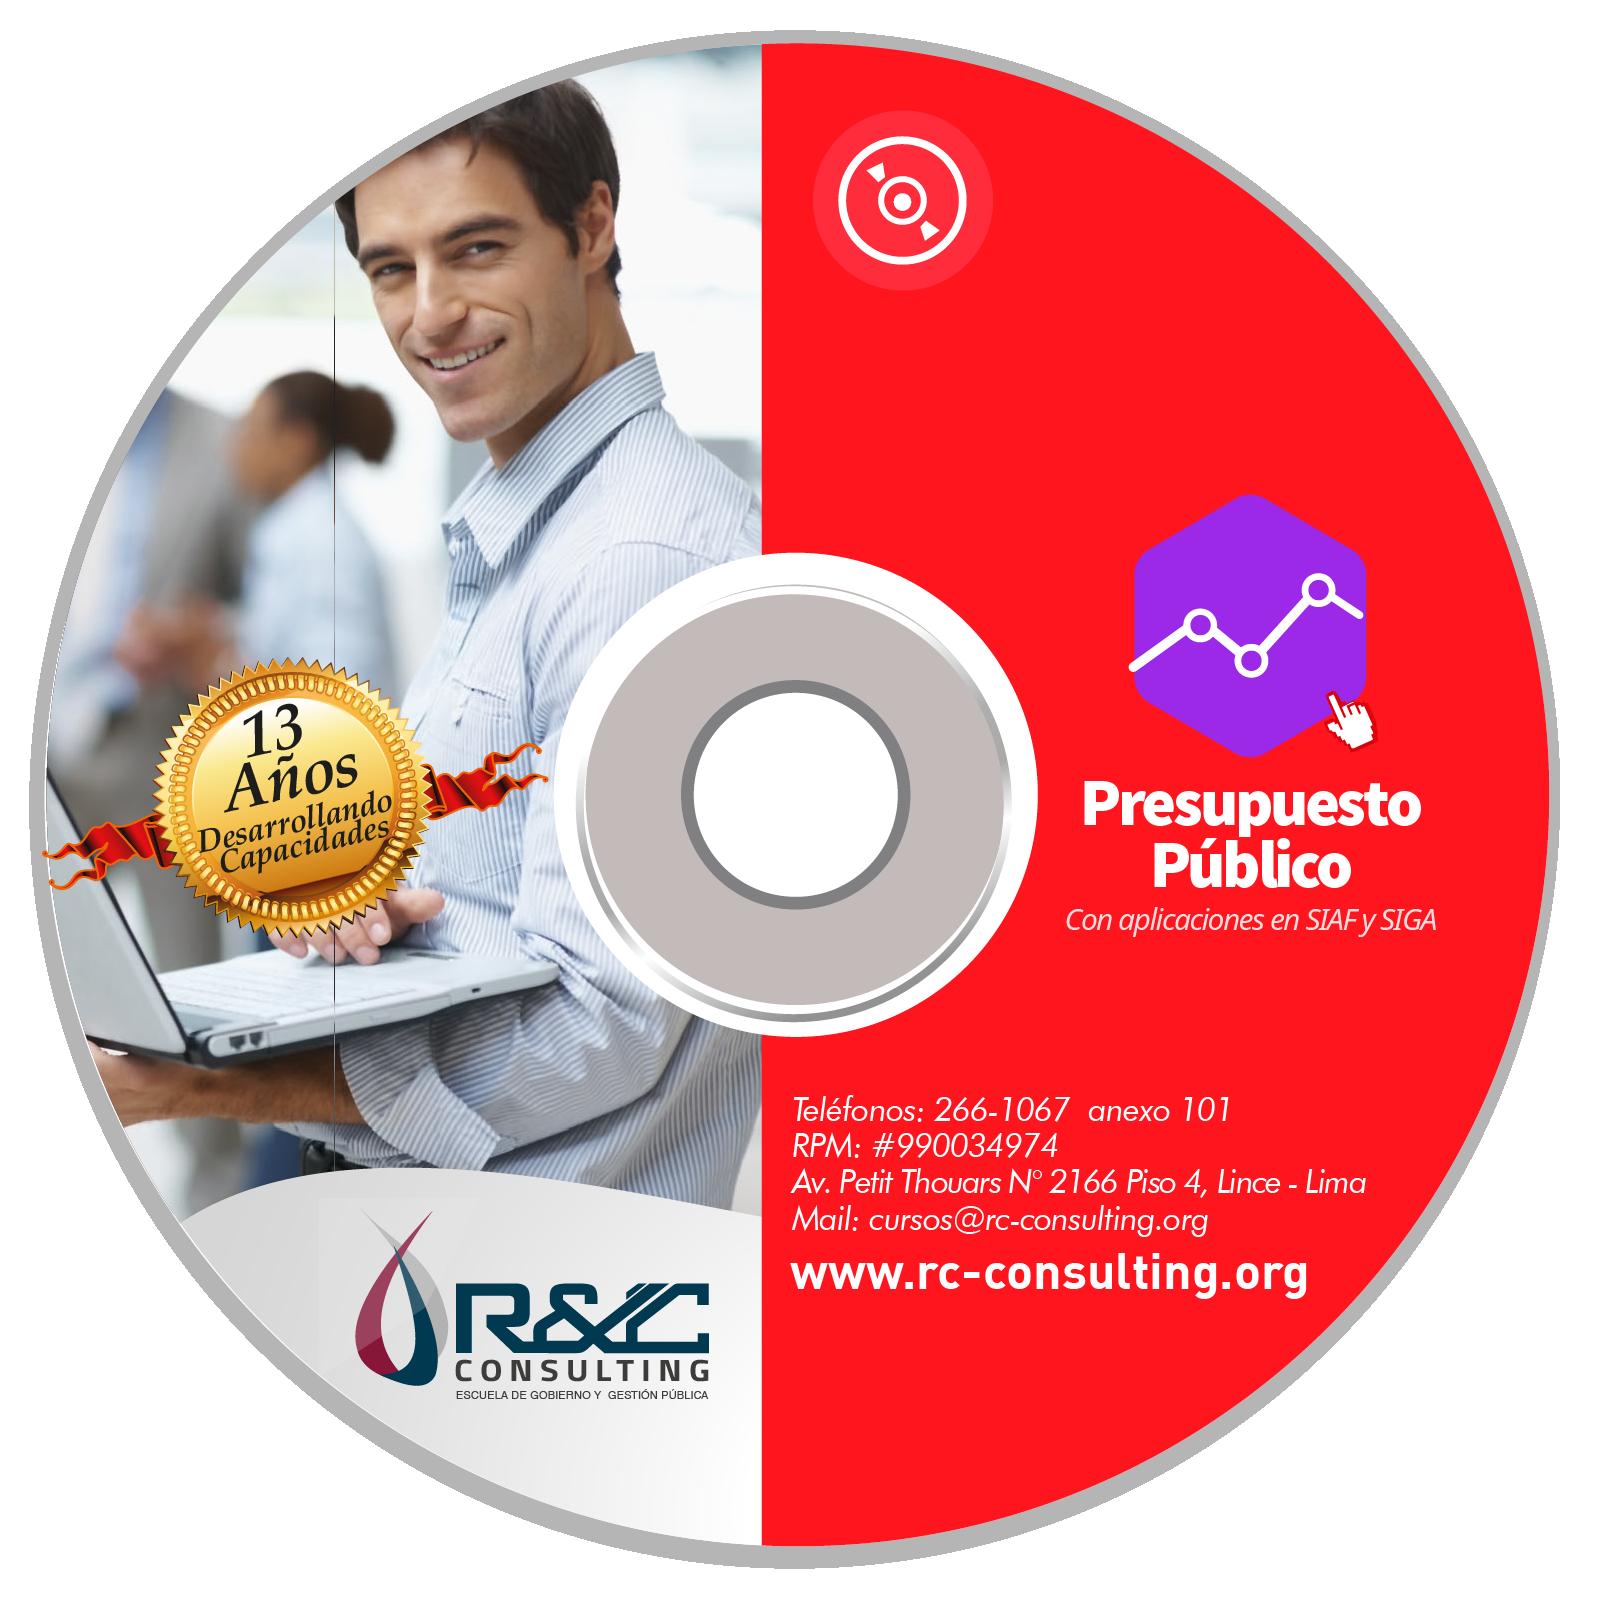 VIRTUAL PRESUPUESTOPUBLICO SIAF SIGA Capacitacion de Gestion Publica en DVD